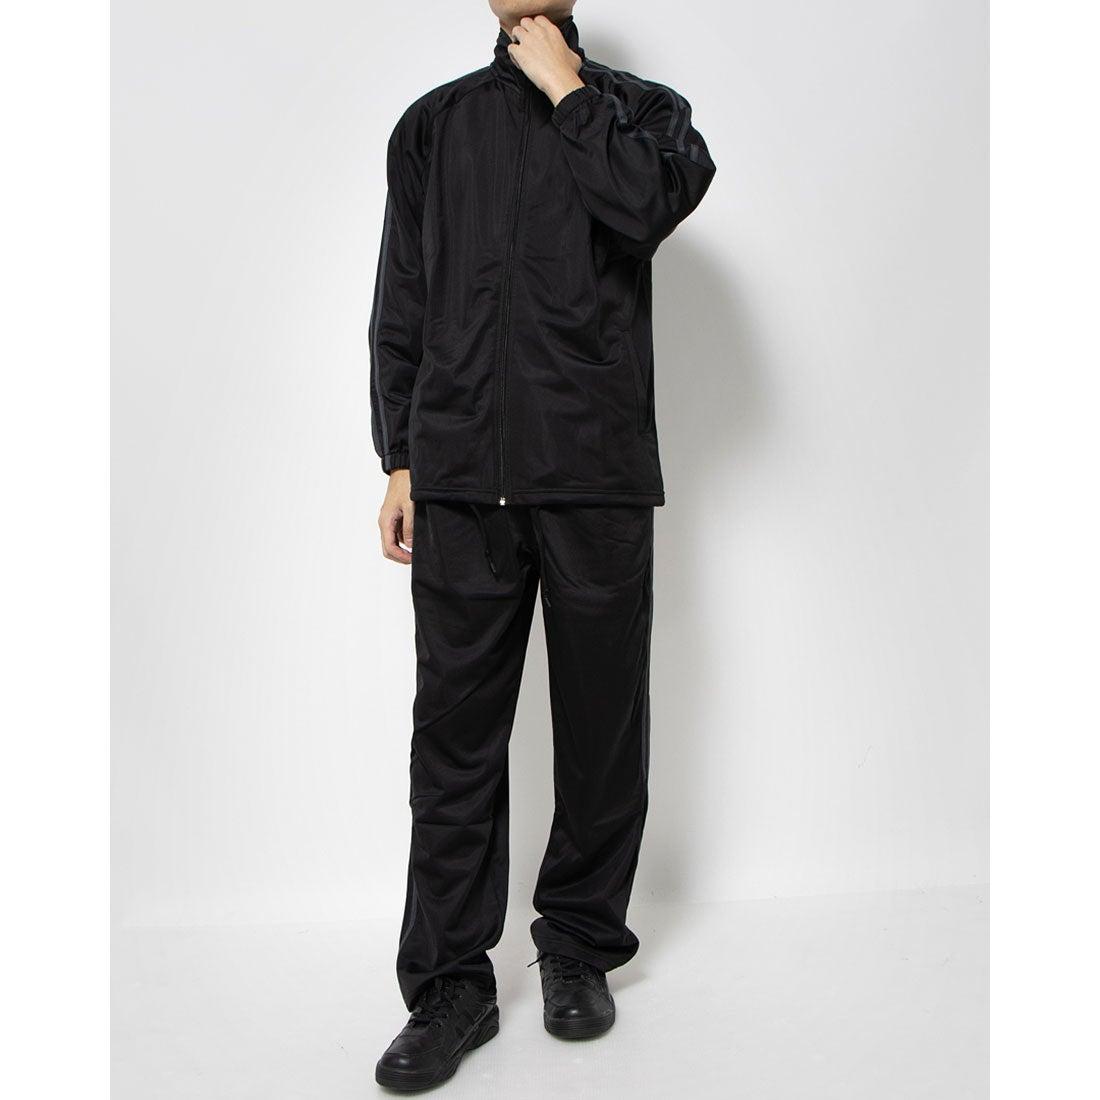 ロコンド 靴とファッションの通販サイトスタイルブロック STYLEBLOCK トリコット2ラインジャージ上下セット (ブラック×チャコール)